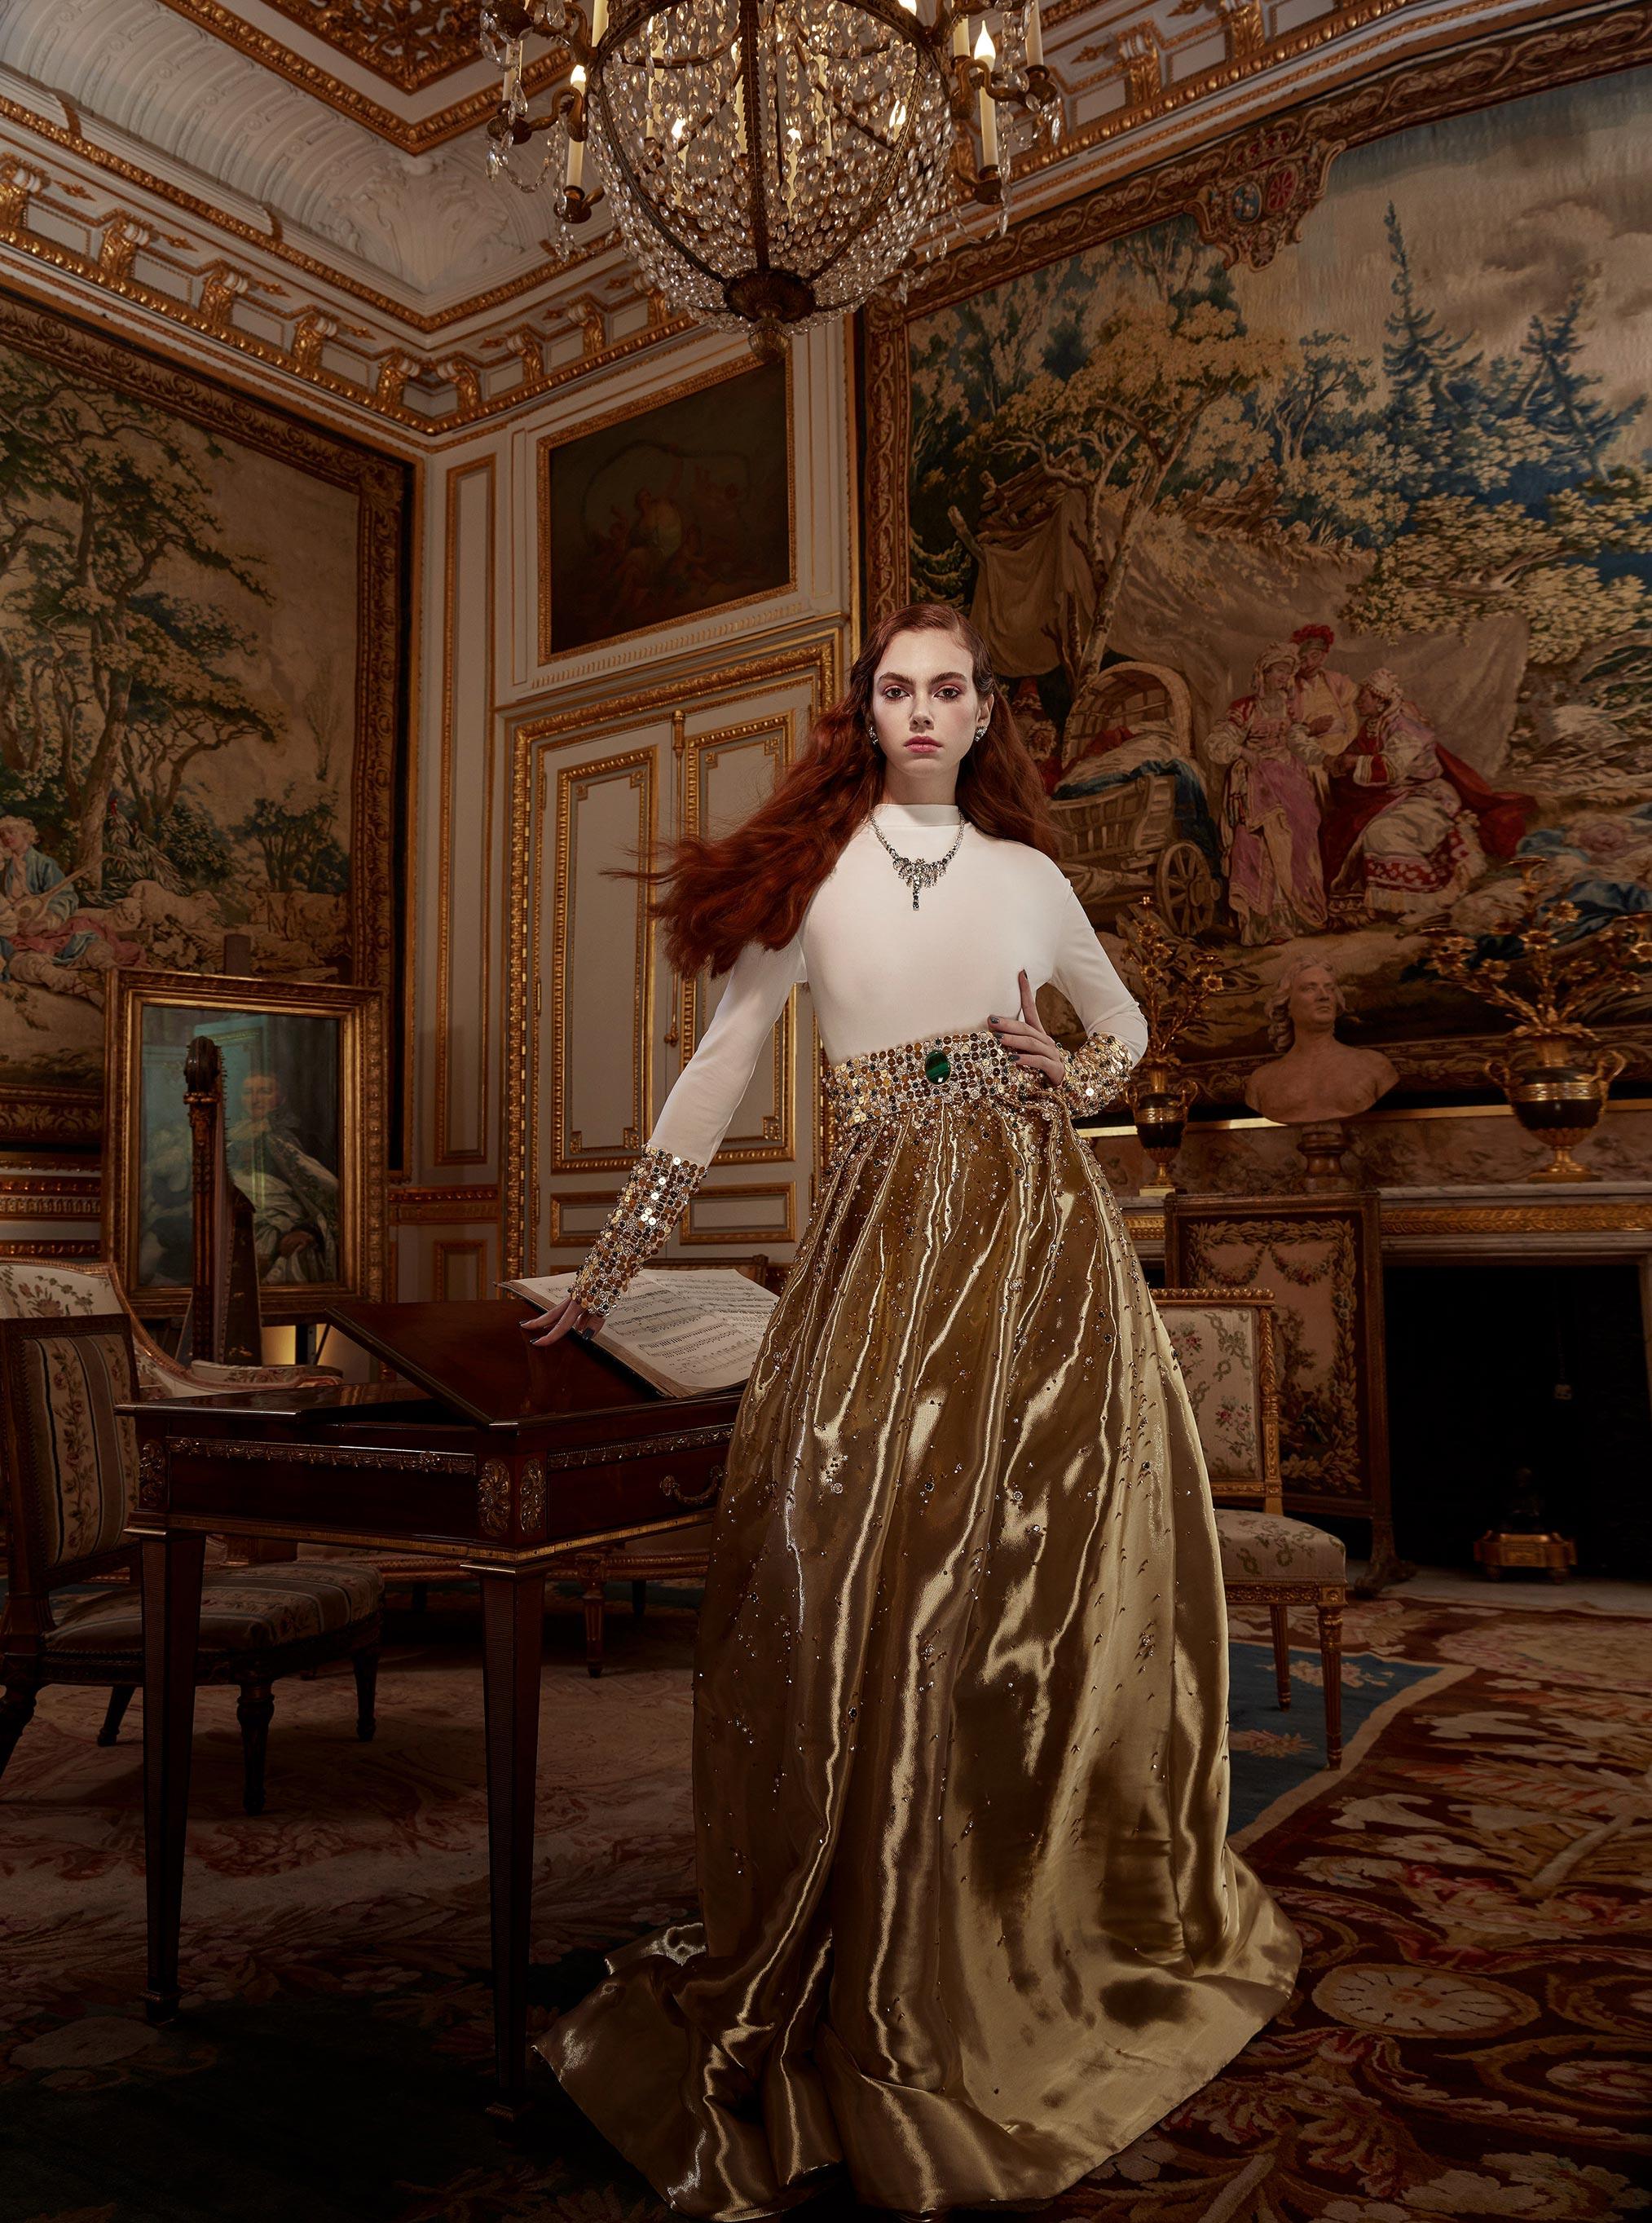 Лоана Жульен демонстрирует образцы высокой моды / фото 09